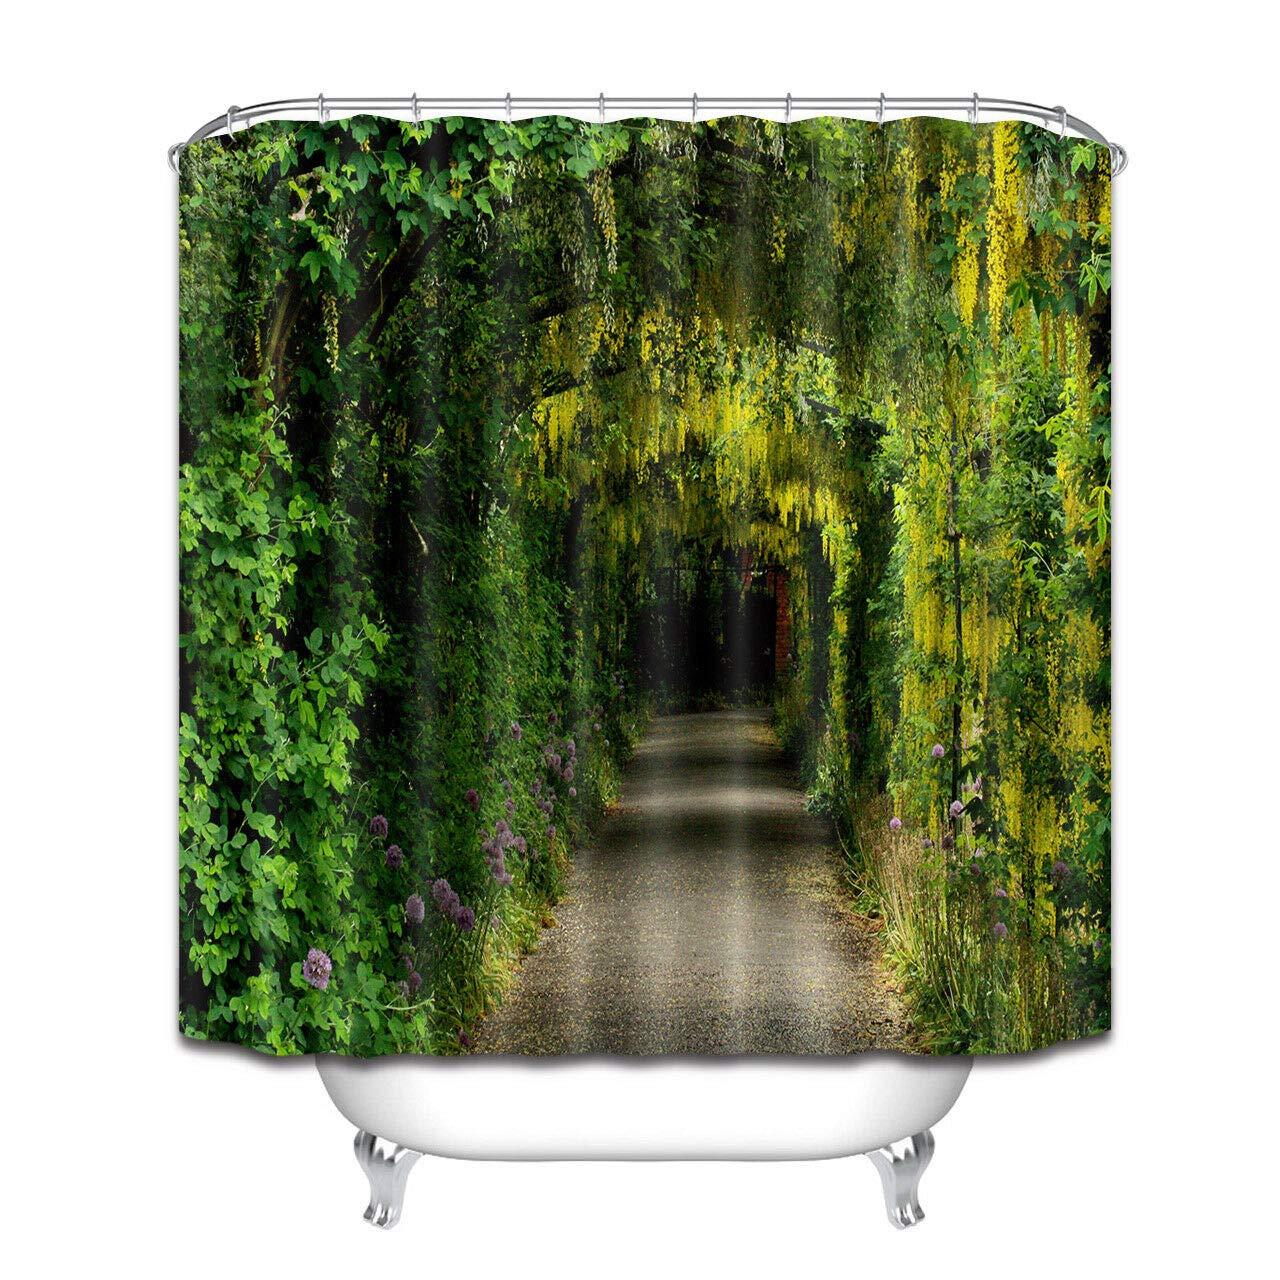 JHTRSJYTJ Mimetico Verde Tenda da Doccia Impermeabile con Stampa HD,Lavabile,Non scolorisce,180X180cm,12ganci,Decorazione del Bagno